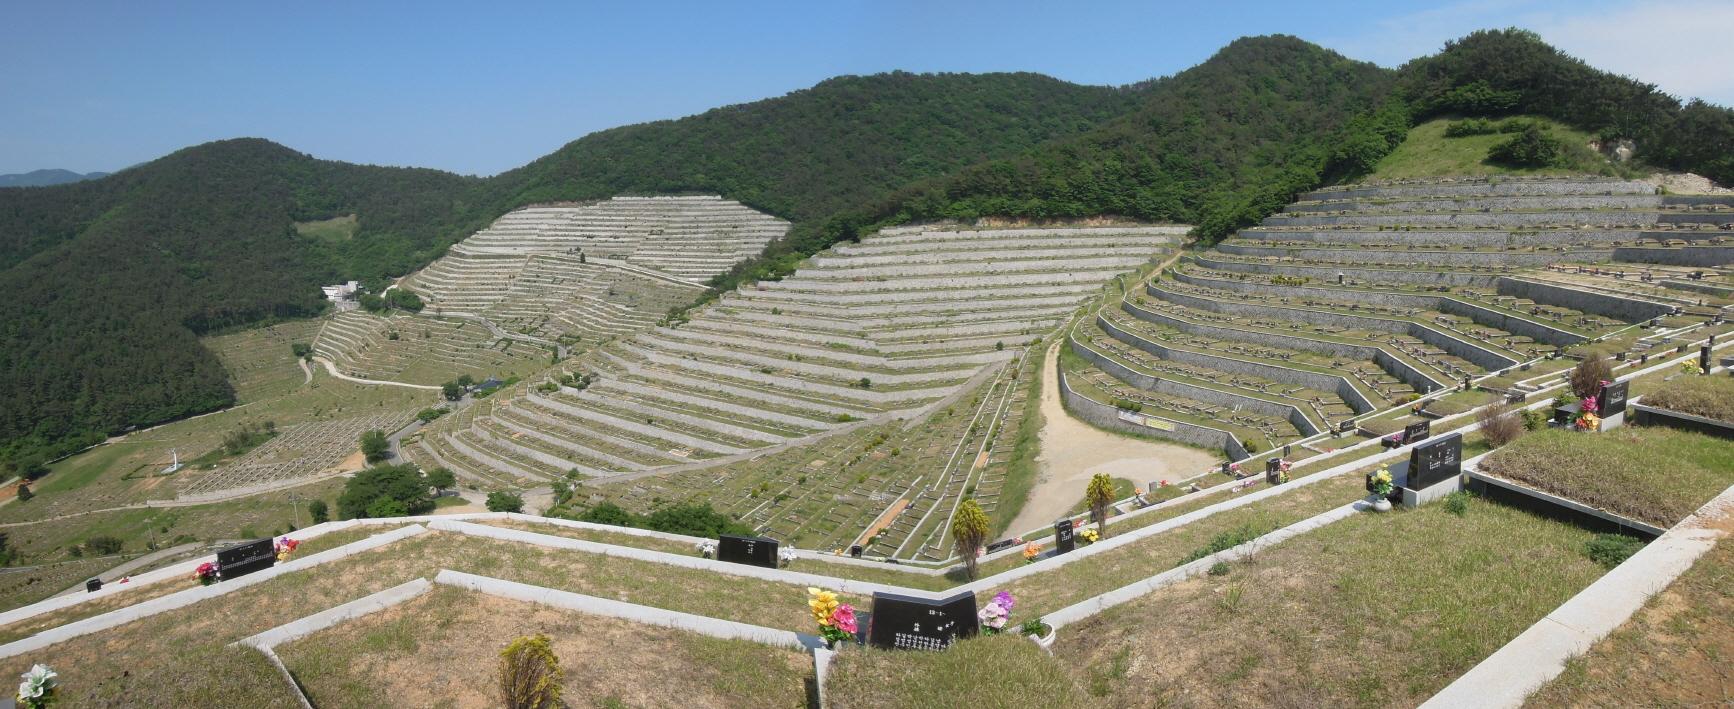 낙남정맥이 지나는 경남 고성군 이화공원묘원[사진 최윤호 백두대간숲연구소 연구실장]